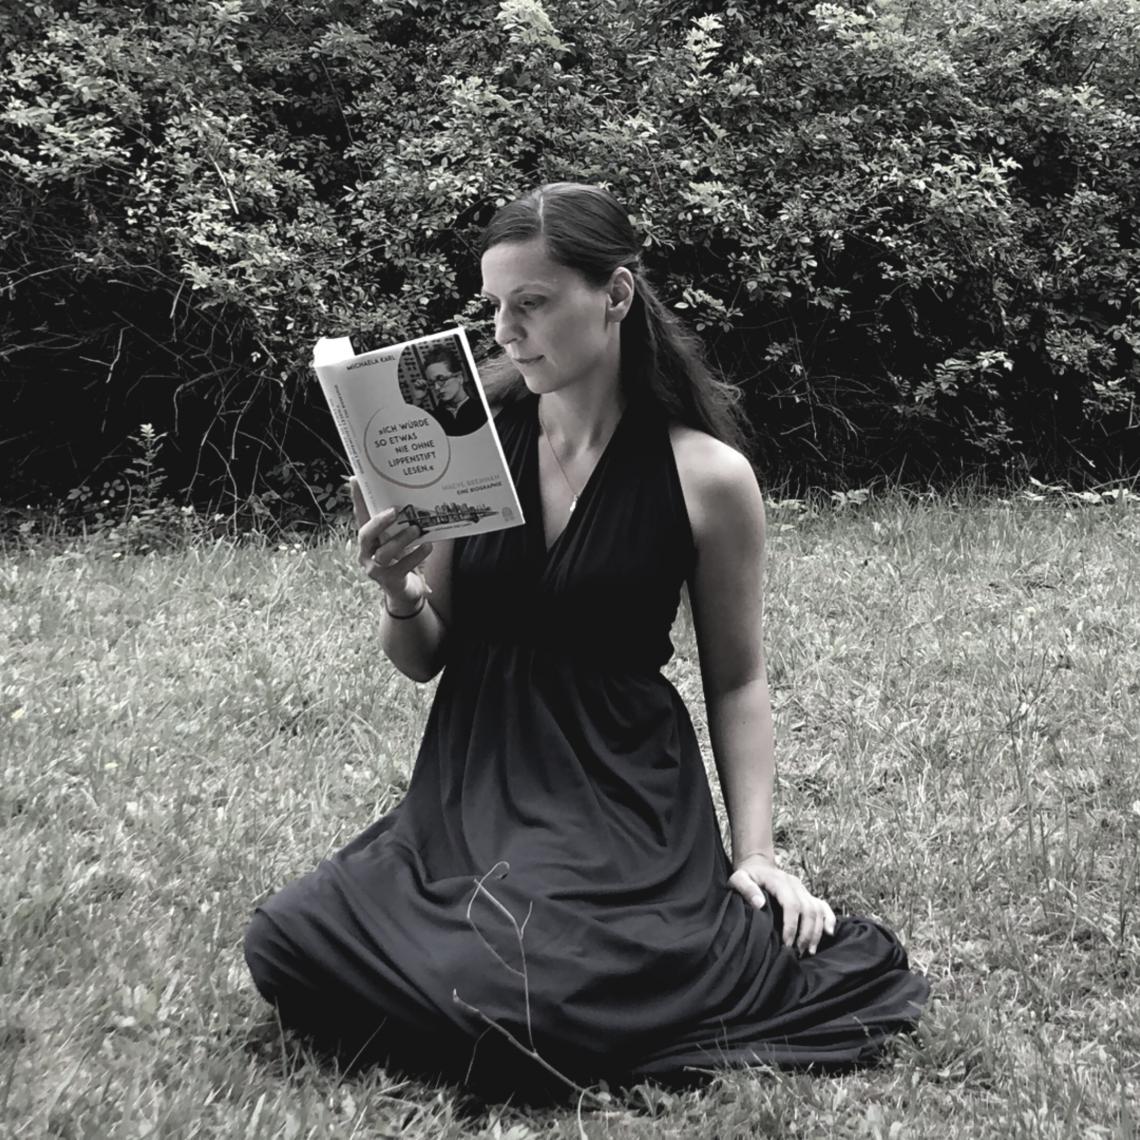 Wie erschafft man eine Ikone? Eine, die das genau weiß und wie kein Zweiter umsetzt ist die Biografin Michaela Karl. Was eine Ikone ist und was dazu gehört, eine x-beliebige Schriftstellerin zu einer solchen zu machen, darum geht es heute bei Kultur im Buch. #Kultur #Buch #Literatur #Wissenschaft